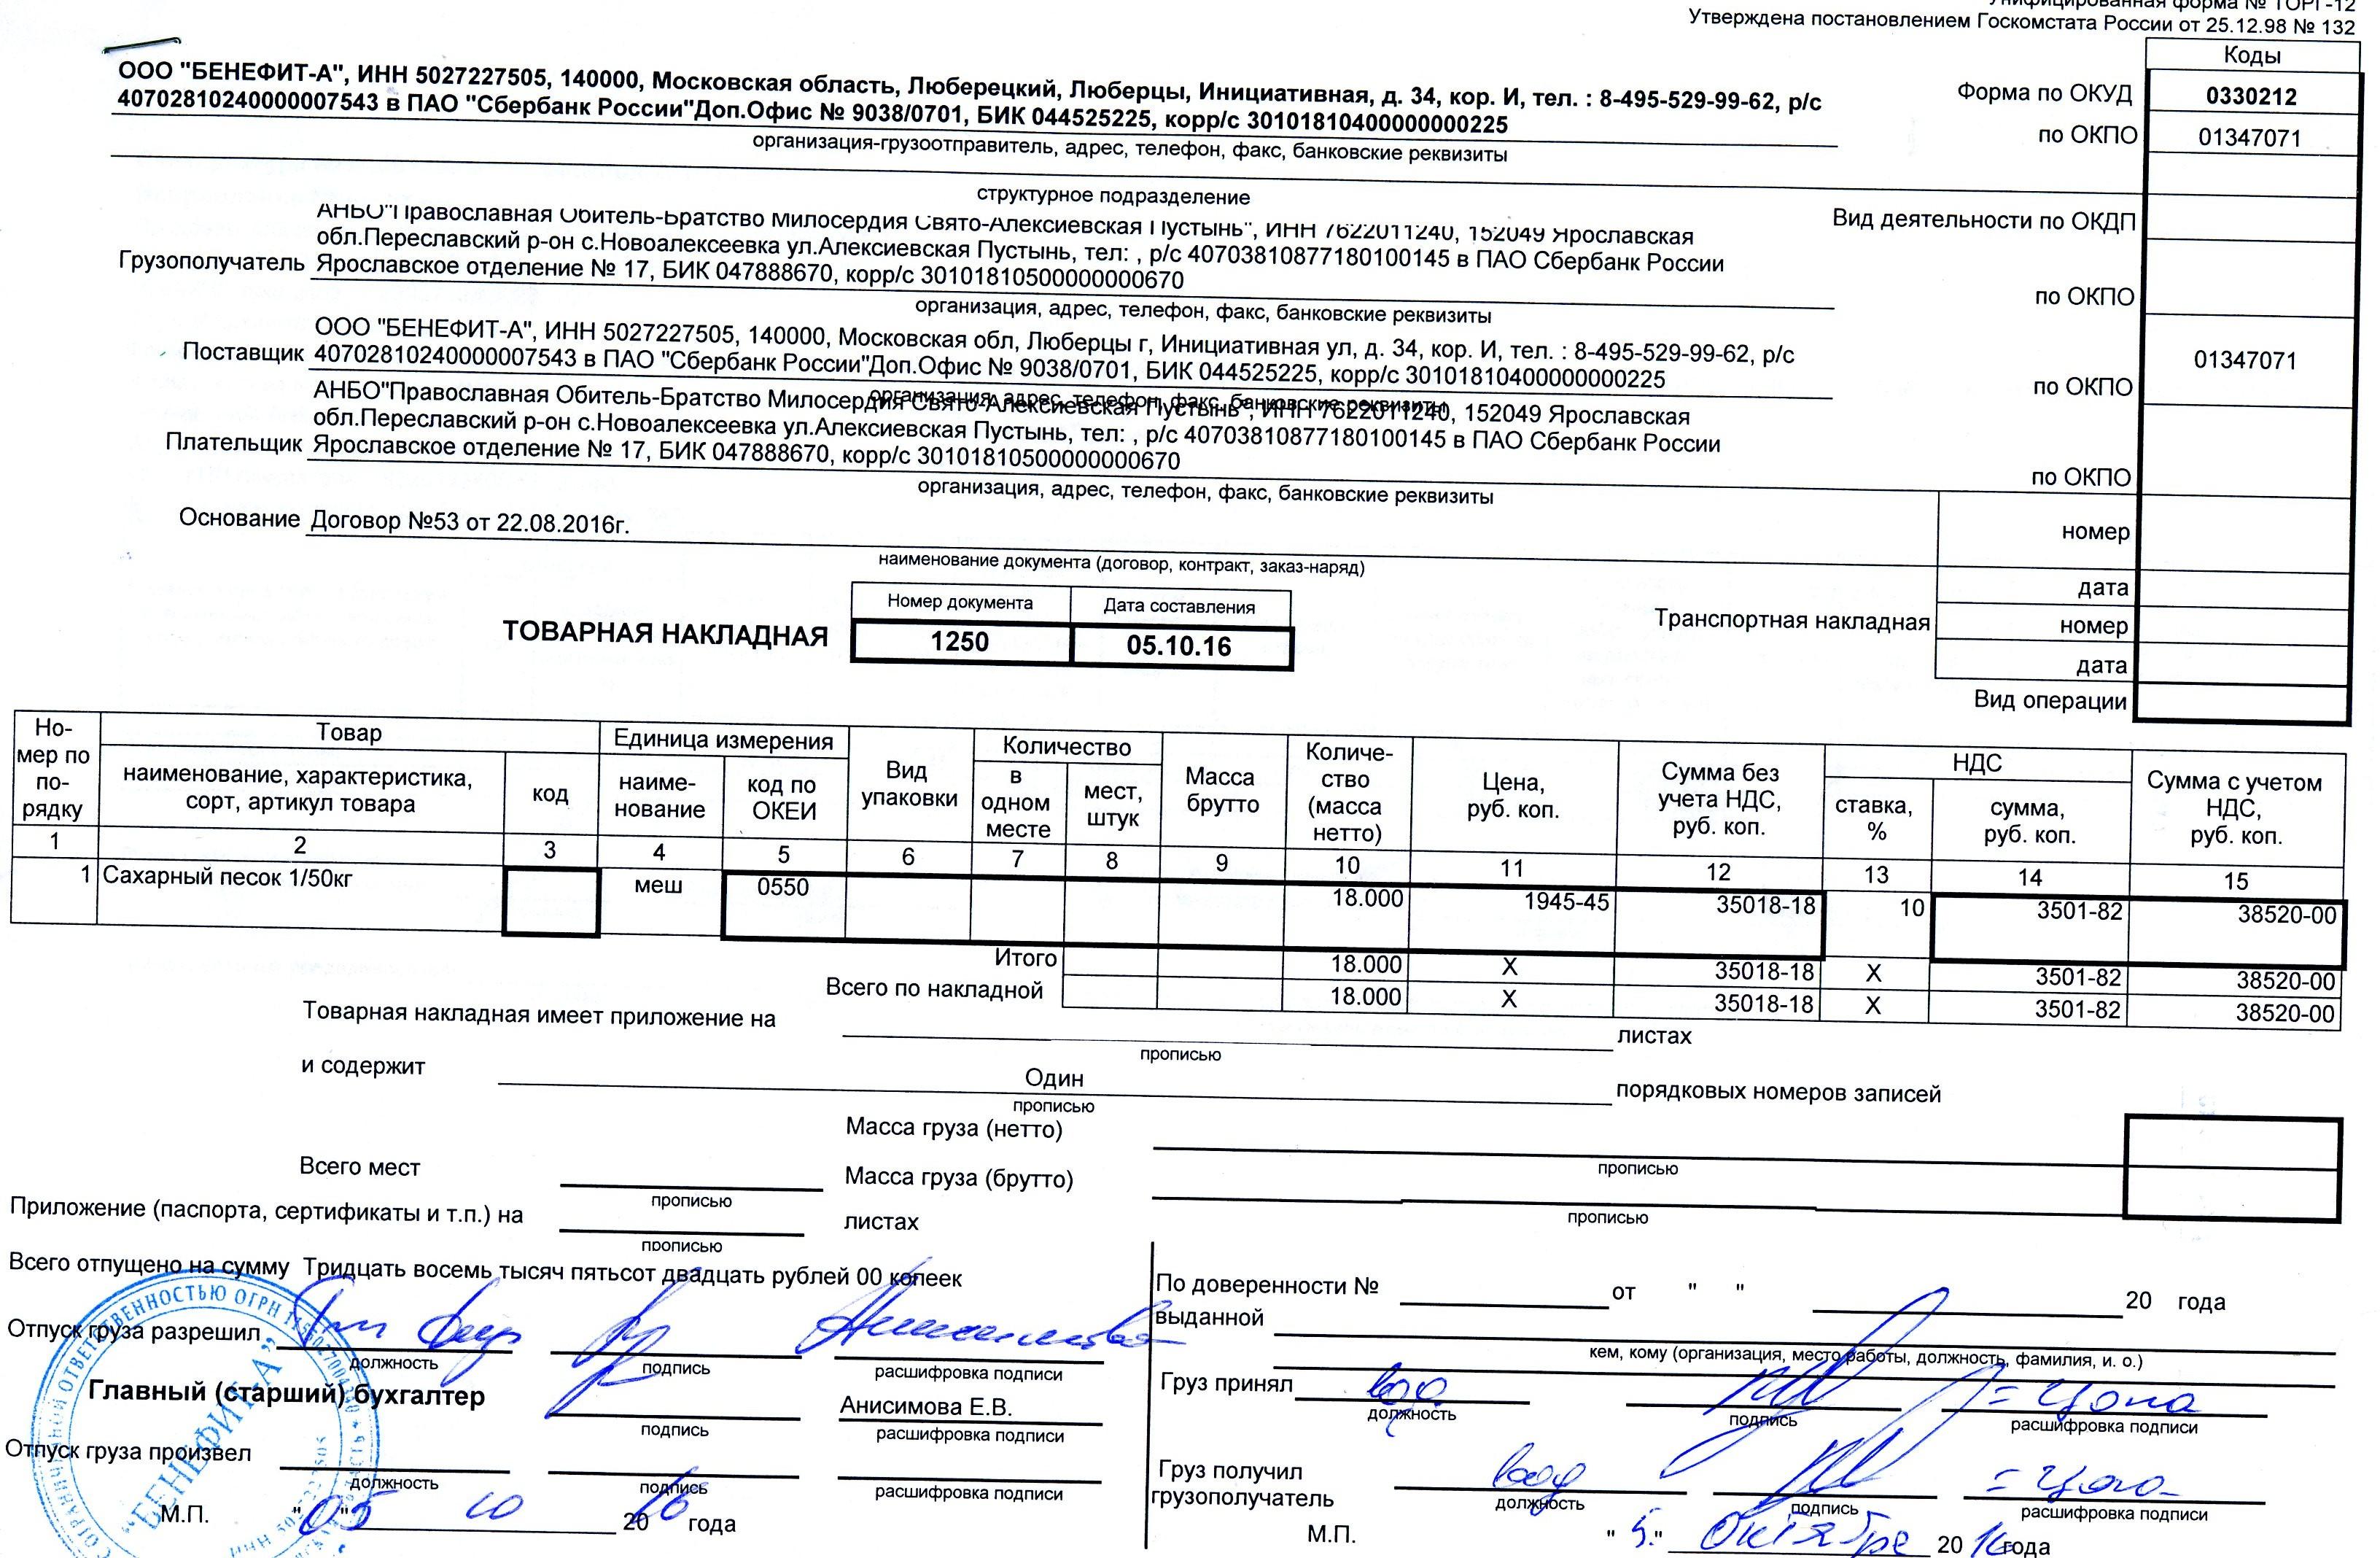 """Кто подписывает товарную накладную: """"груз принял"""", """"груз получил"""" и другие графы торг-12, ставить ли факсимиле, что делать, если покупатель не оформил факт приемки?"""